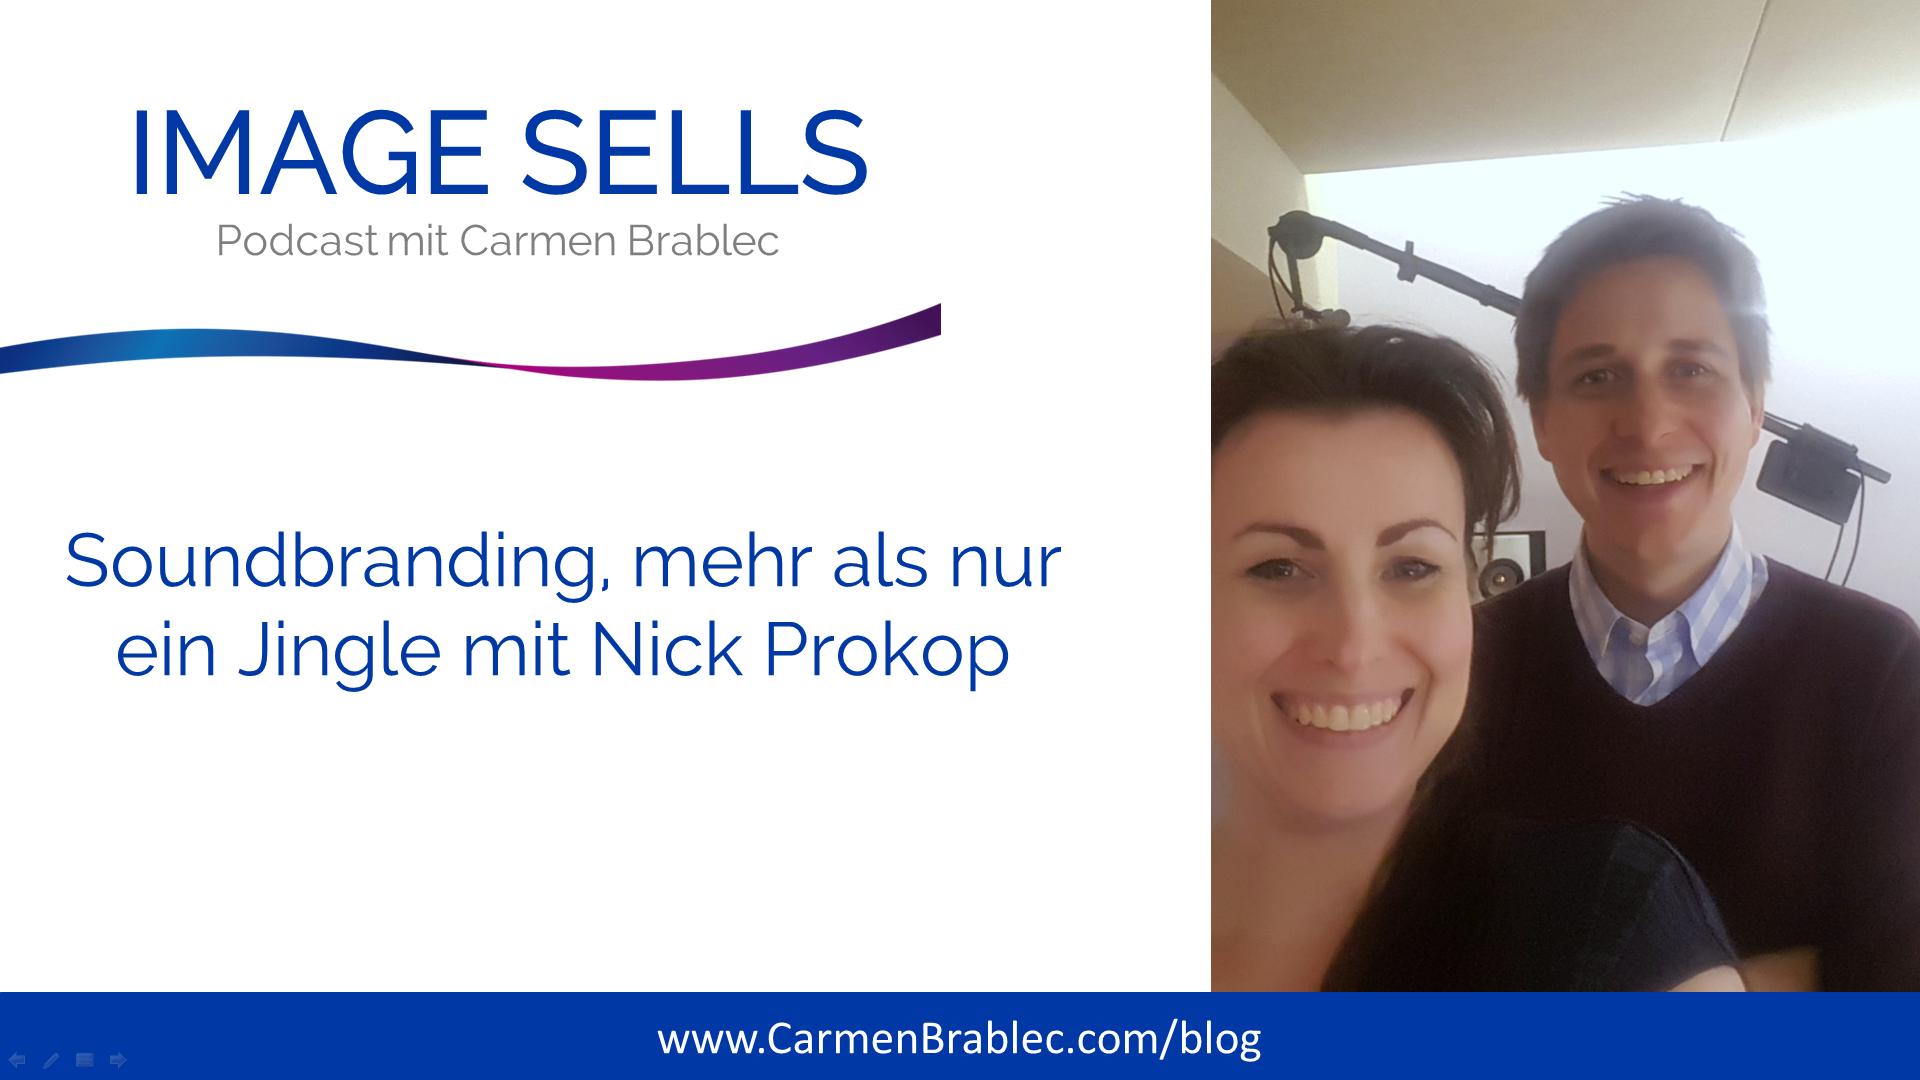 Soundbranding, mehr als nur ein Jingle mit Nick Prokop – ISP #026